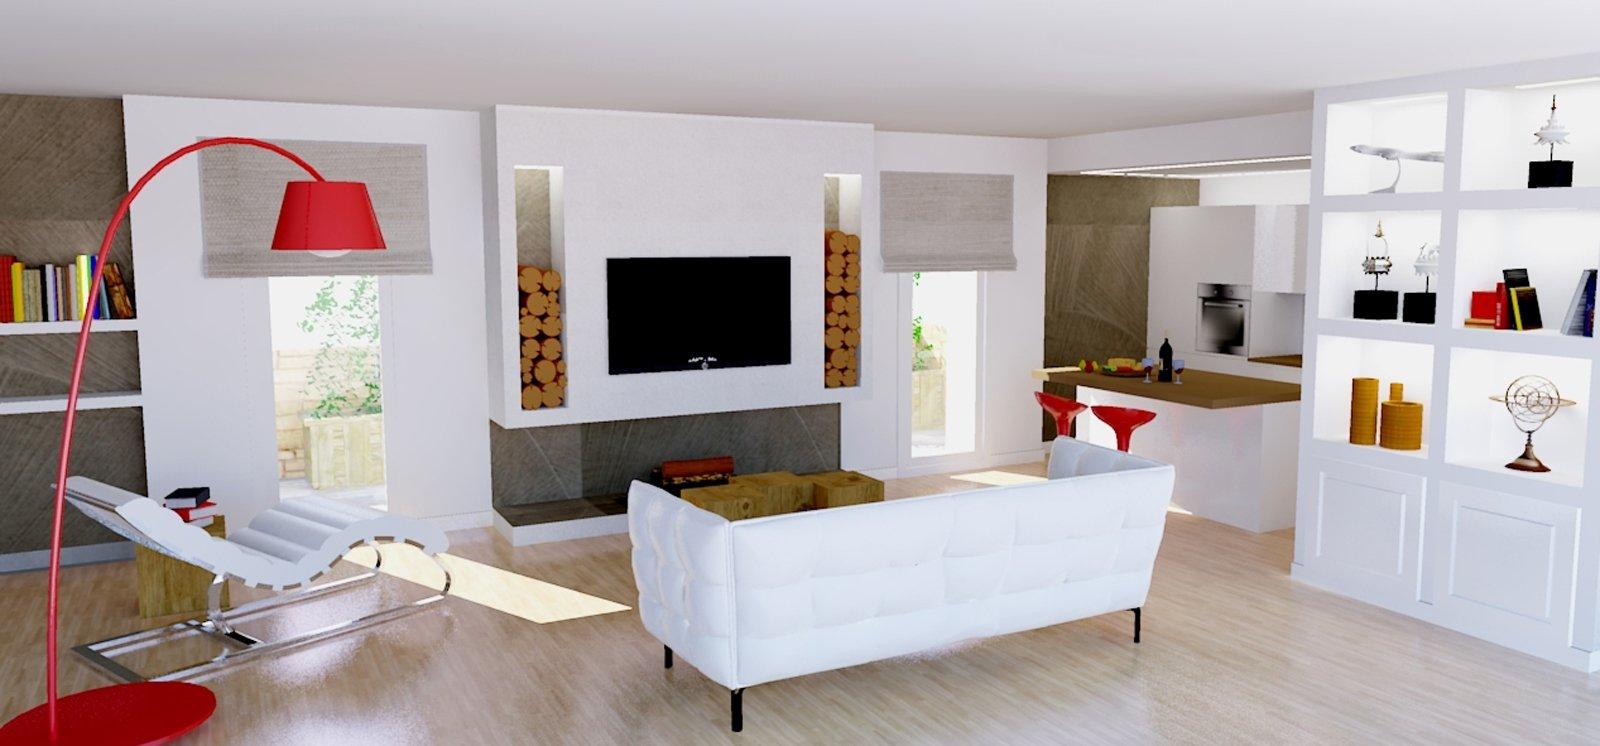 Un progetto per arredare un soggiorno con pareti oblique for Arredare parete